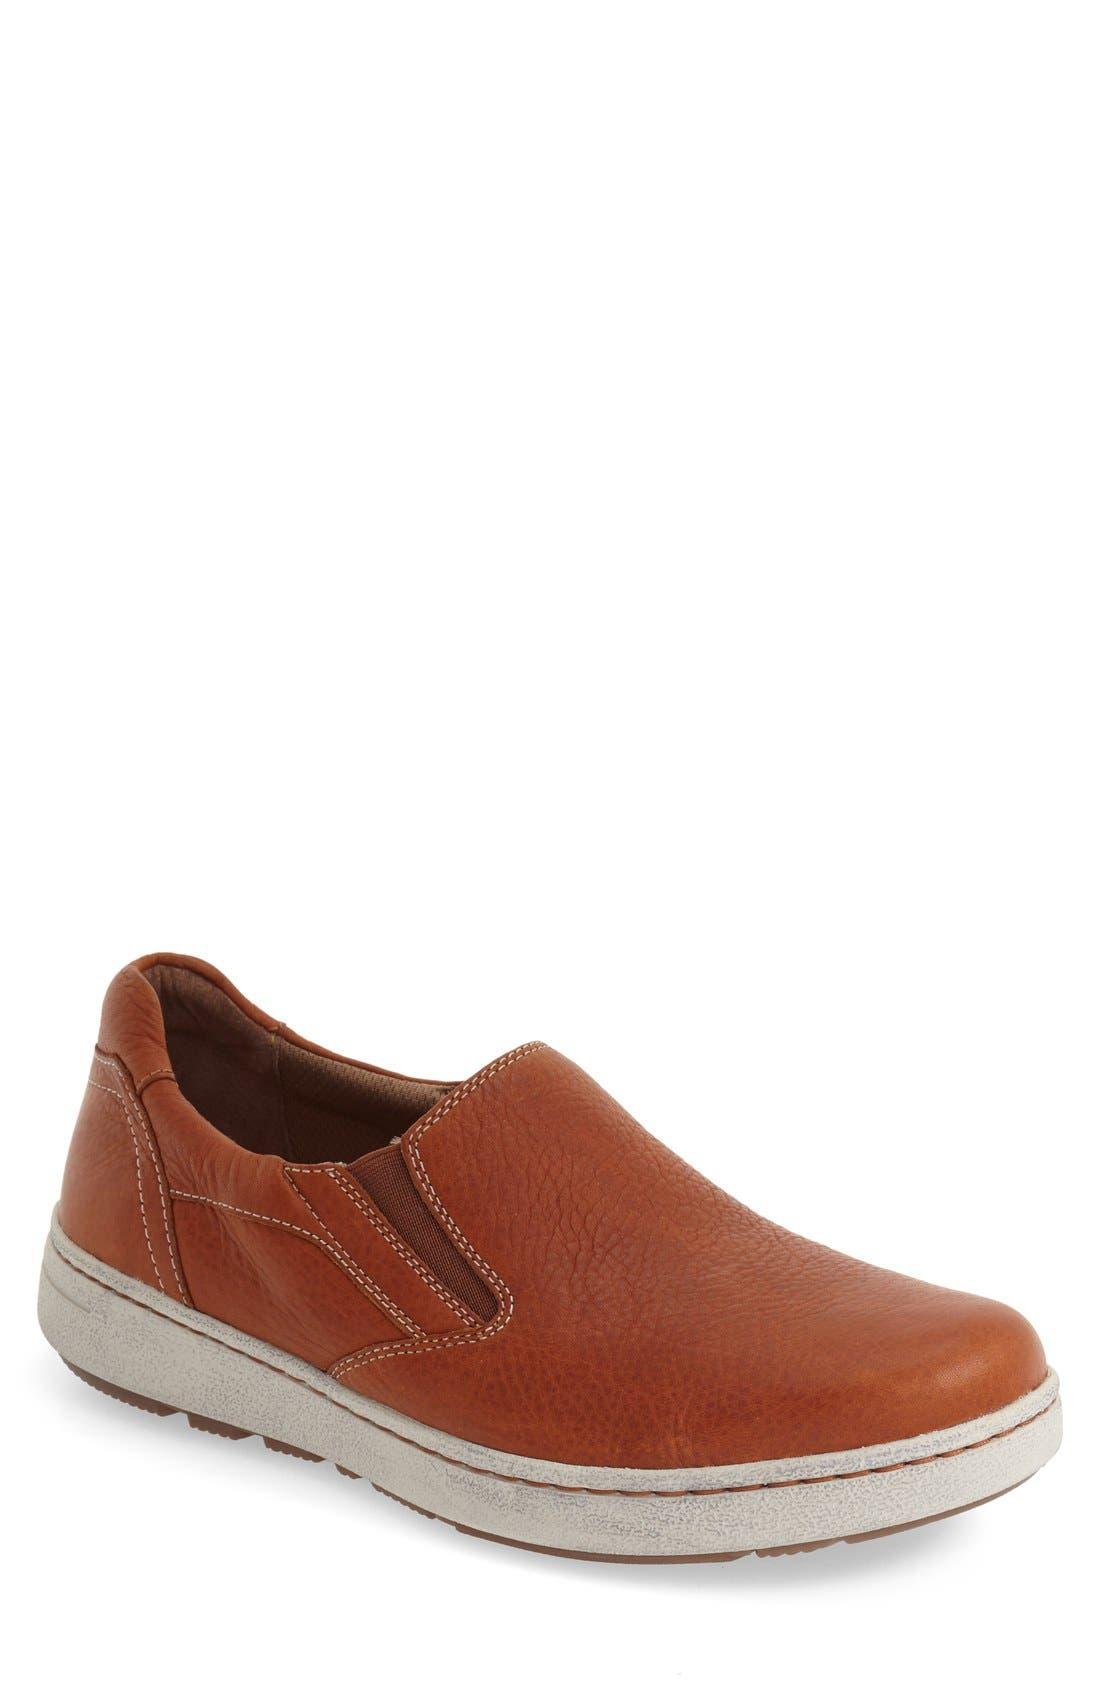 'Viktor' Water Resistant Slip-On Sneaker,                         Main,                         color, Russet Full Grain Leather